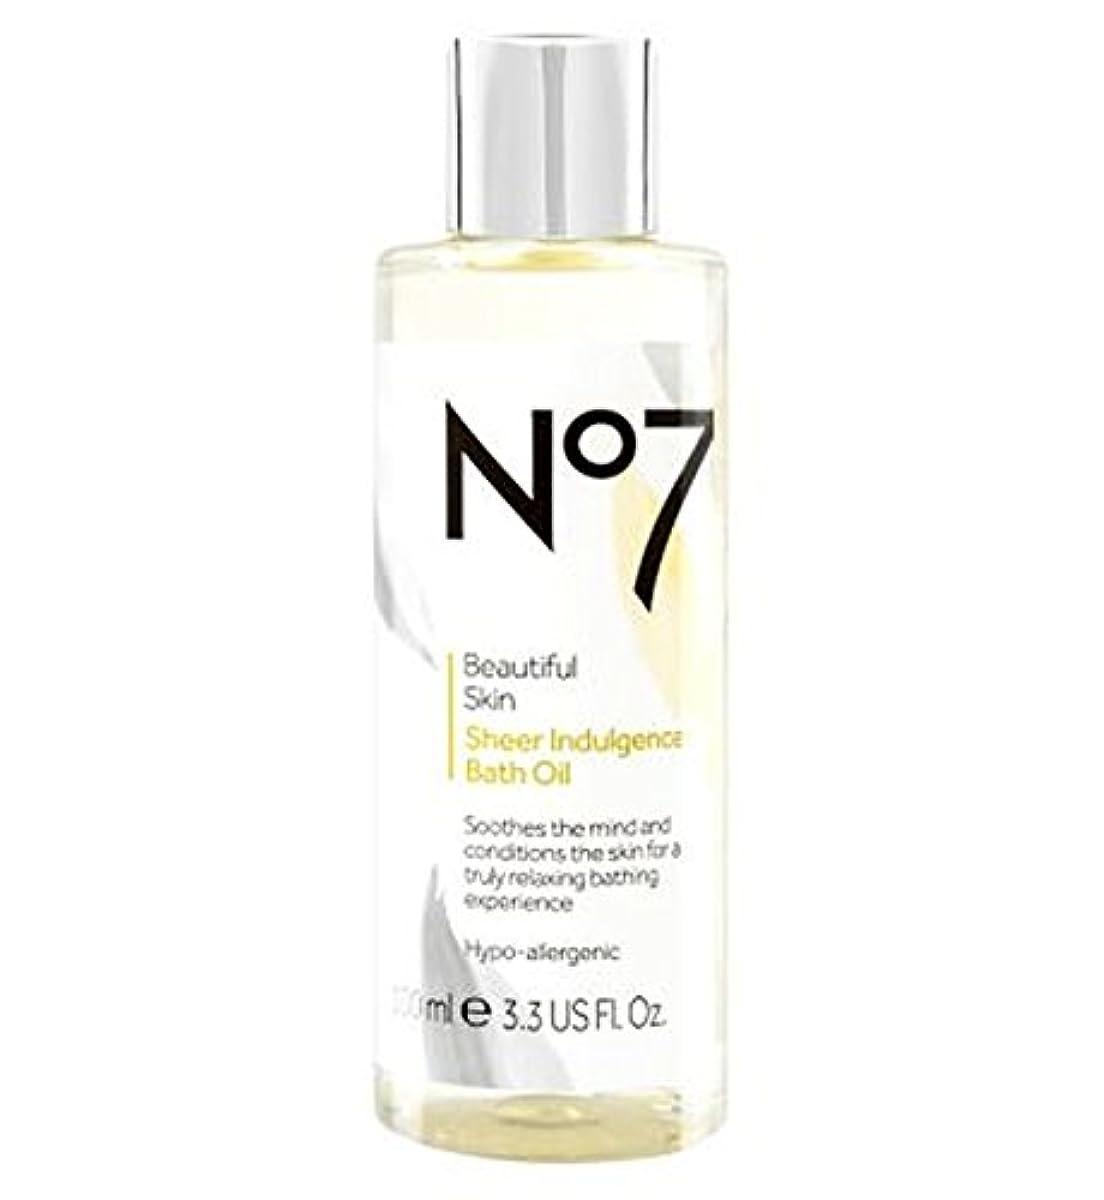 素晴らしさ前兆ヤングNo7美しい肌透け耽溺のバスオイル (No7) (x2) - No7 Beautiful Skin Sheer Indulgence Bath Oil (Pack of 2) [並行輸入品]